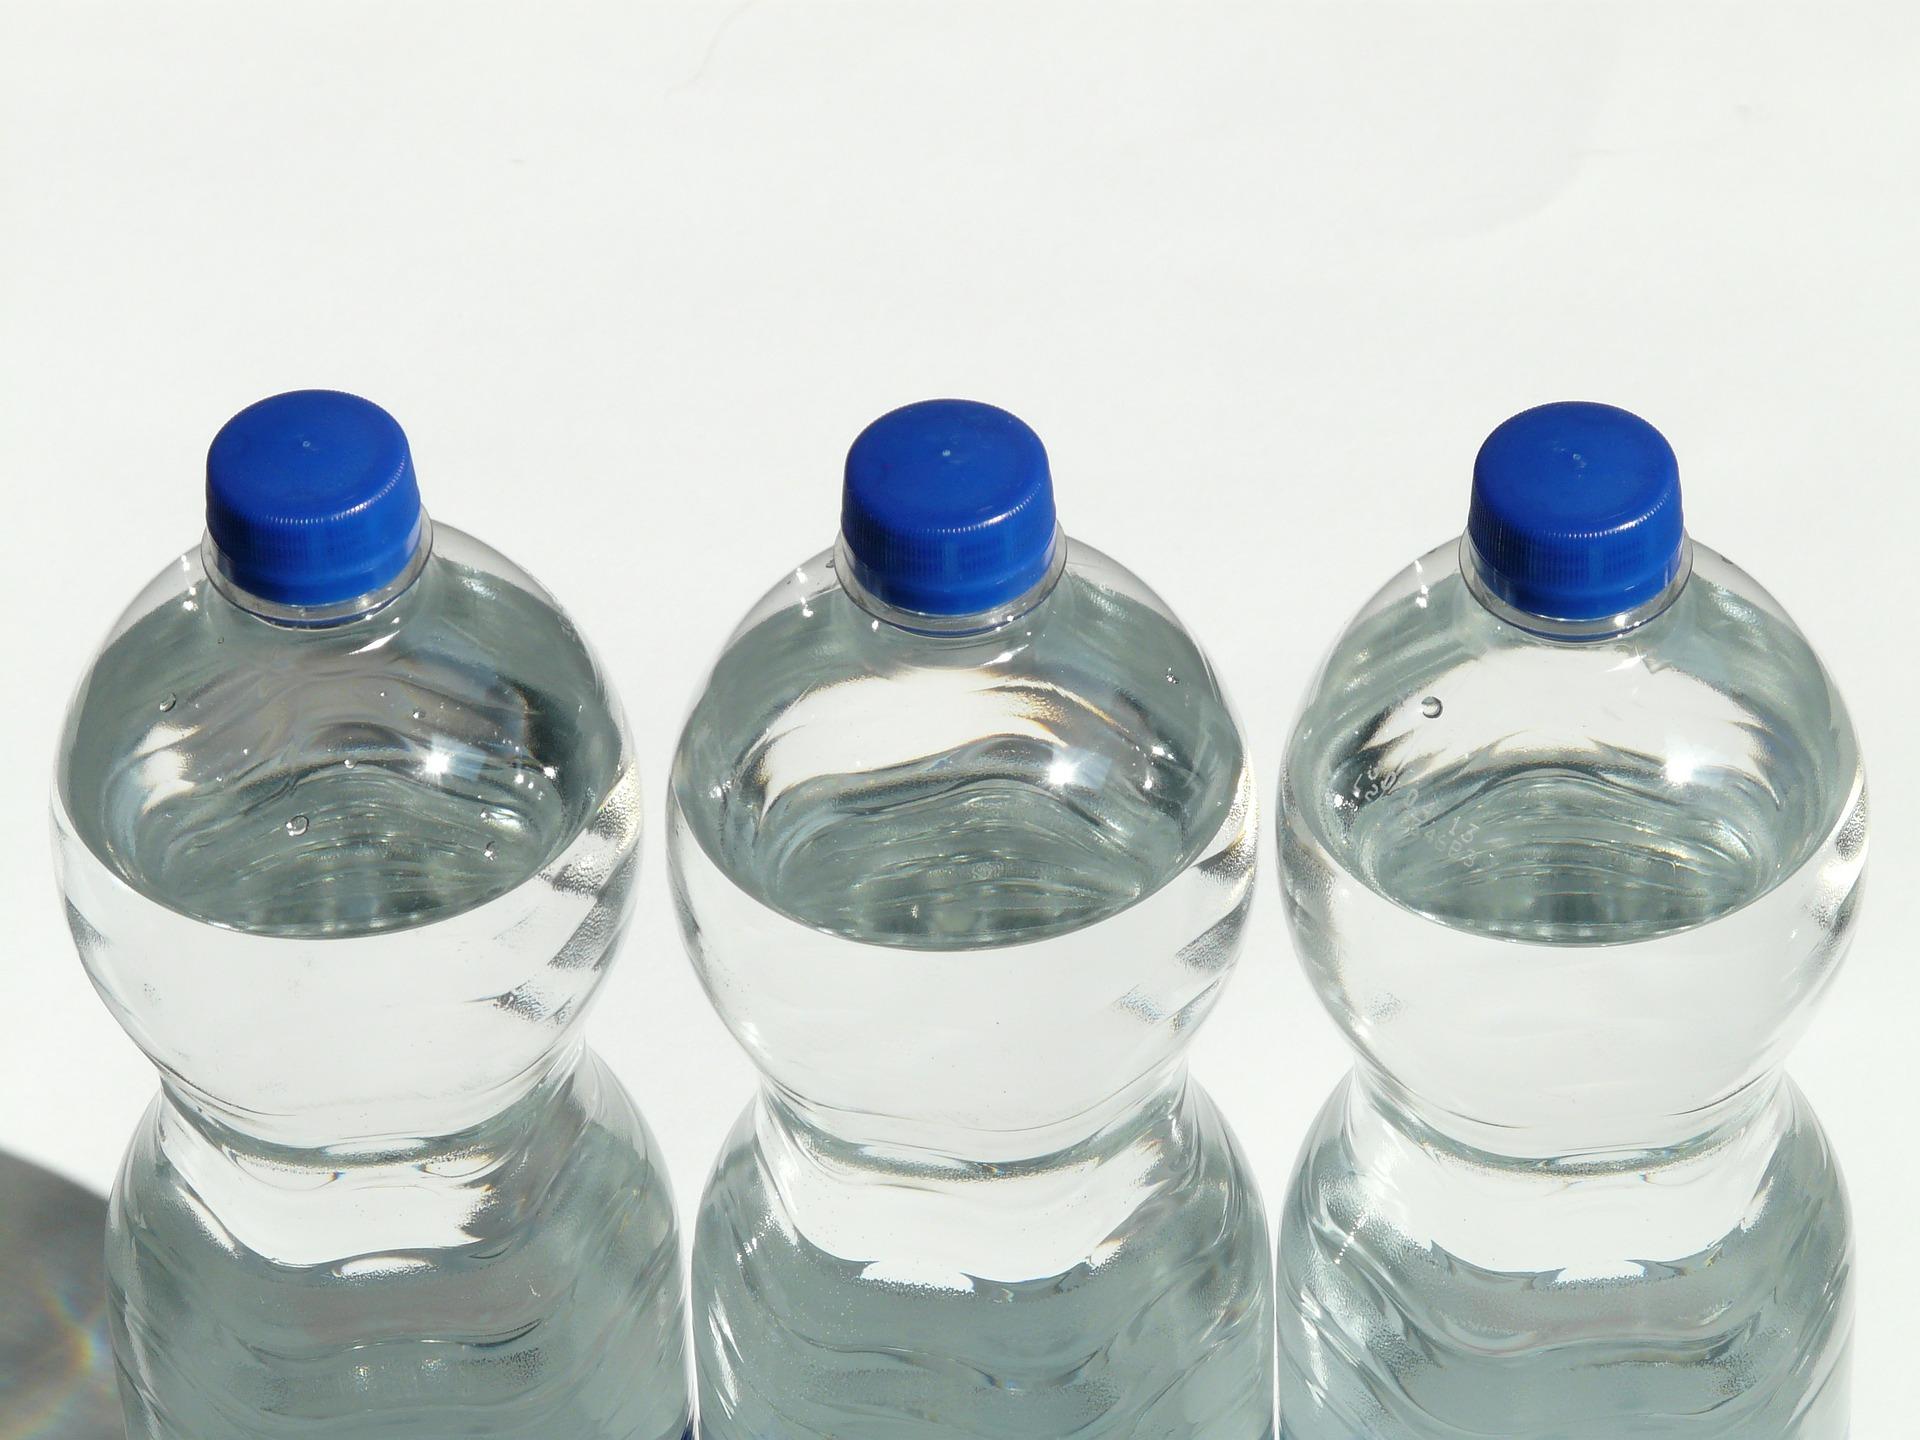 Woda równa się zdrowie